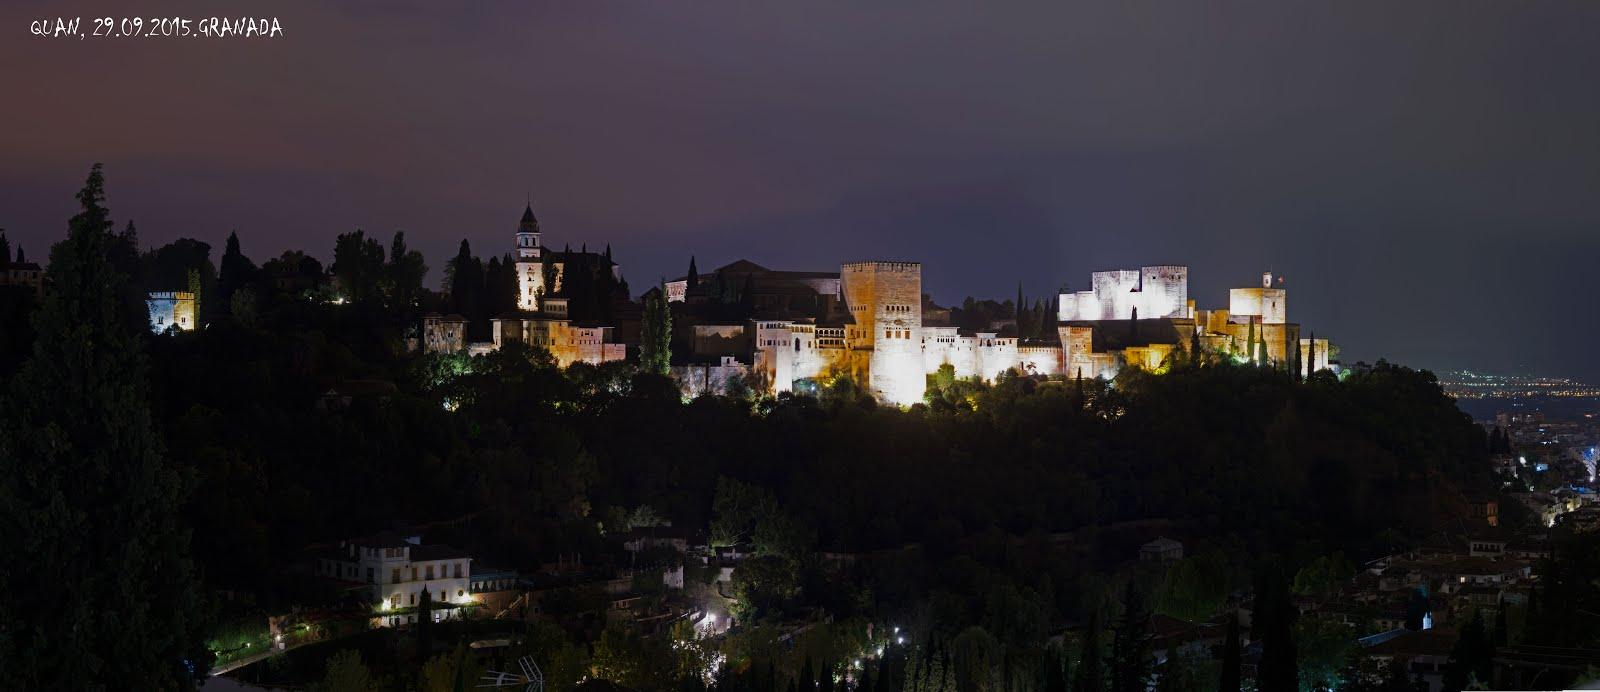 Granada. Nochebuena 2014